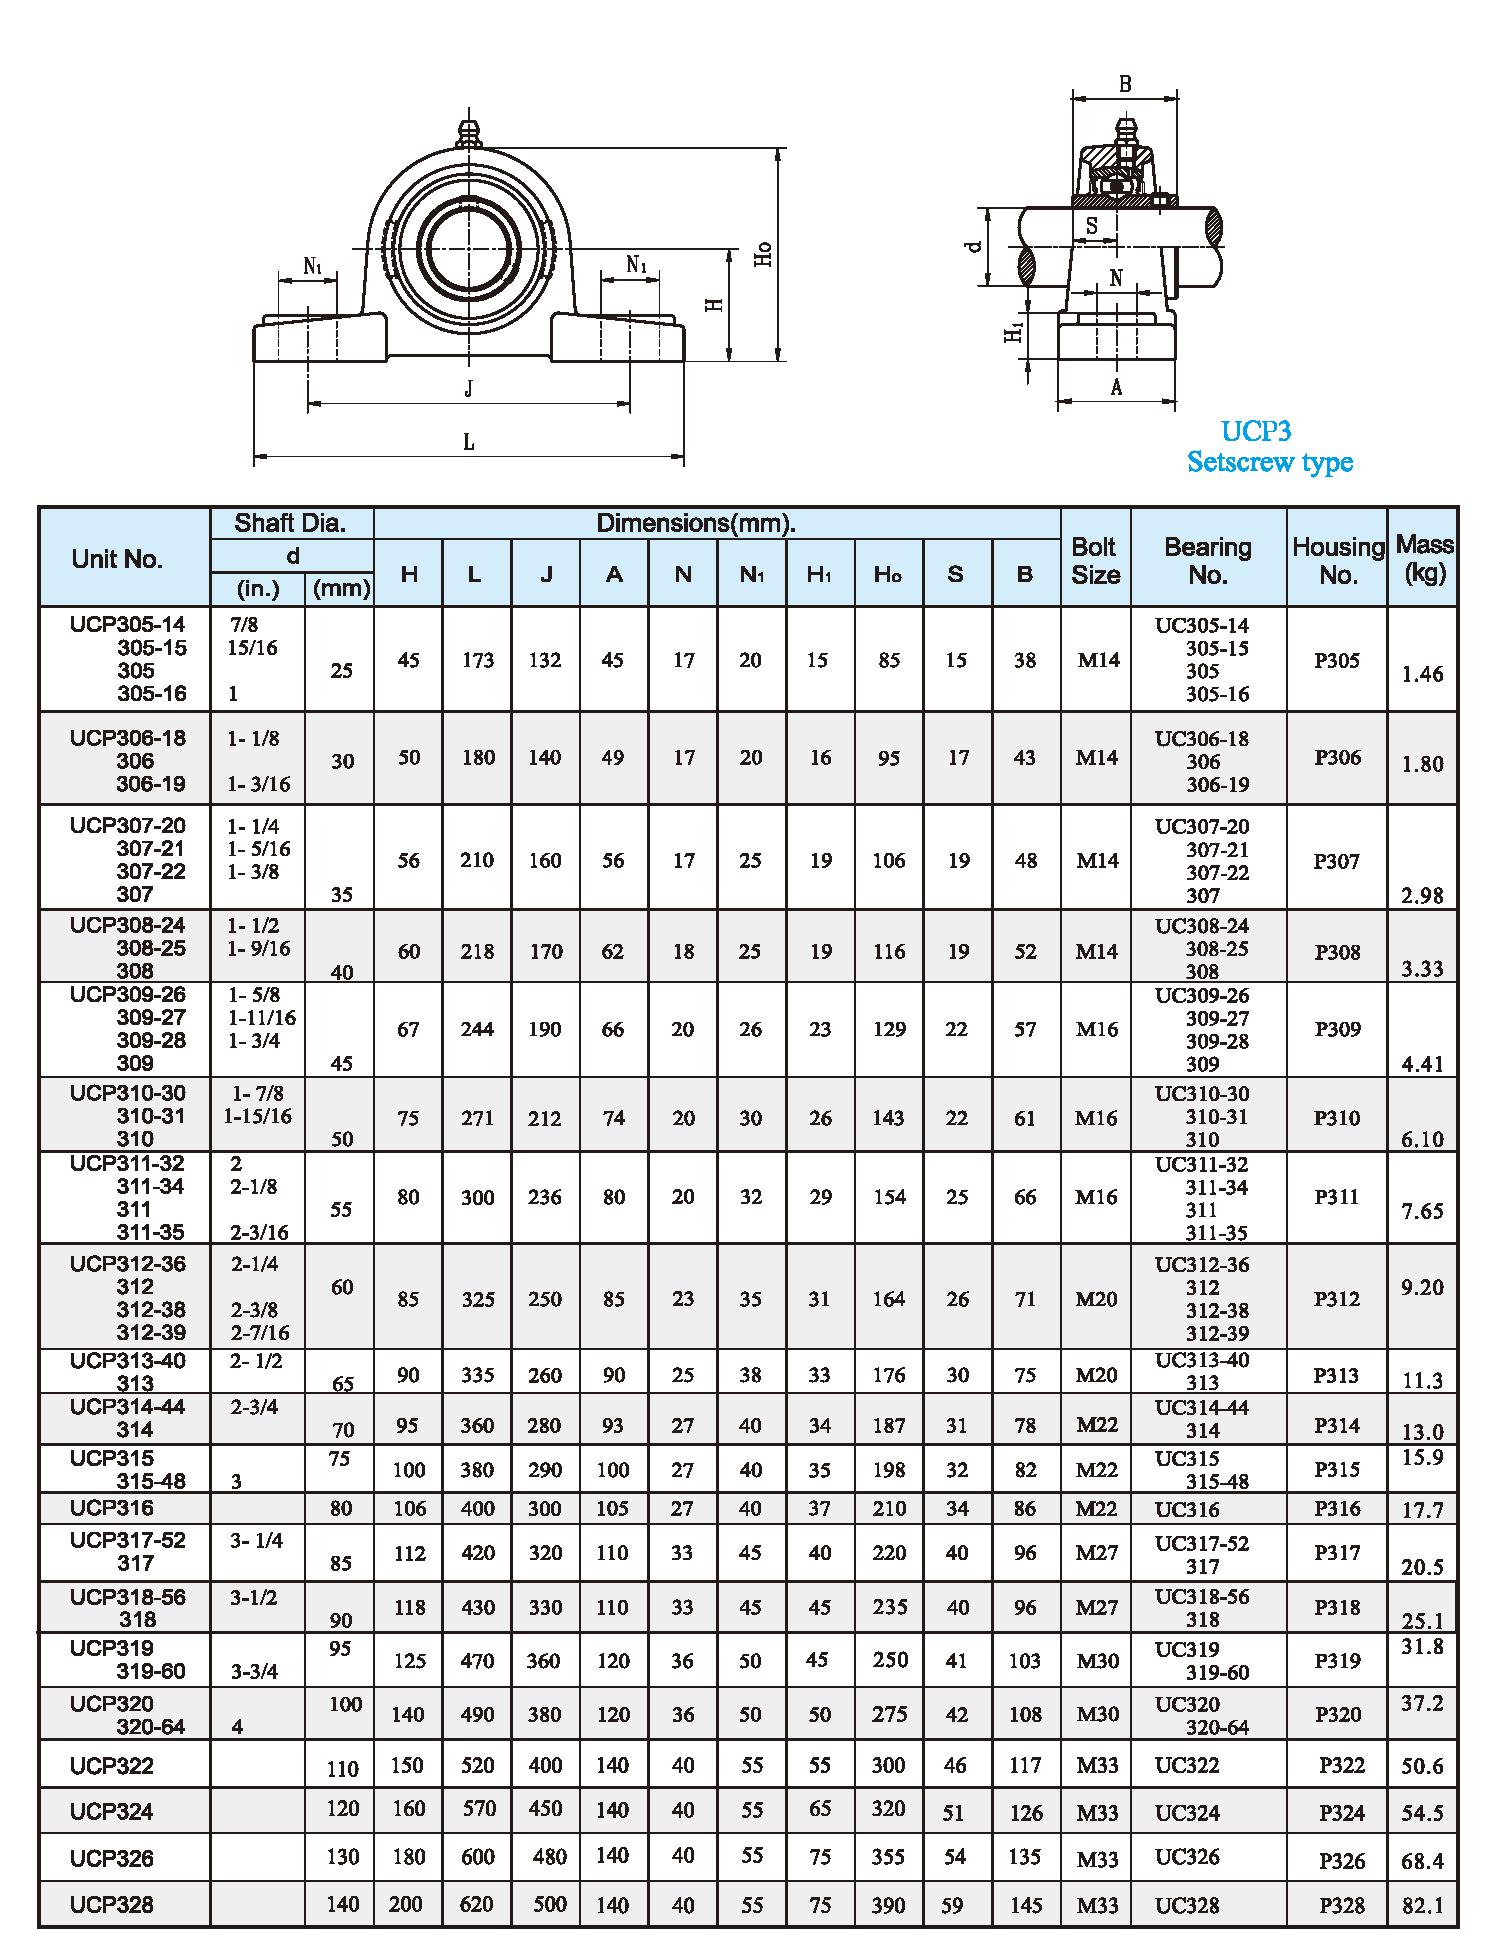 UCP3 Setscrew type